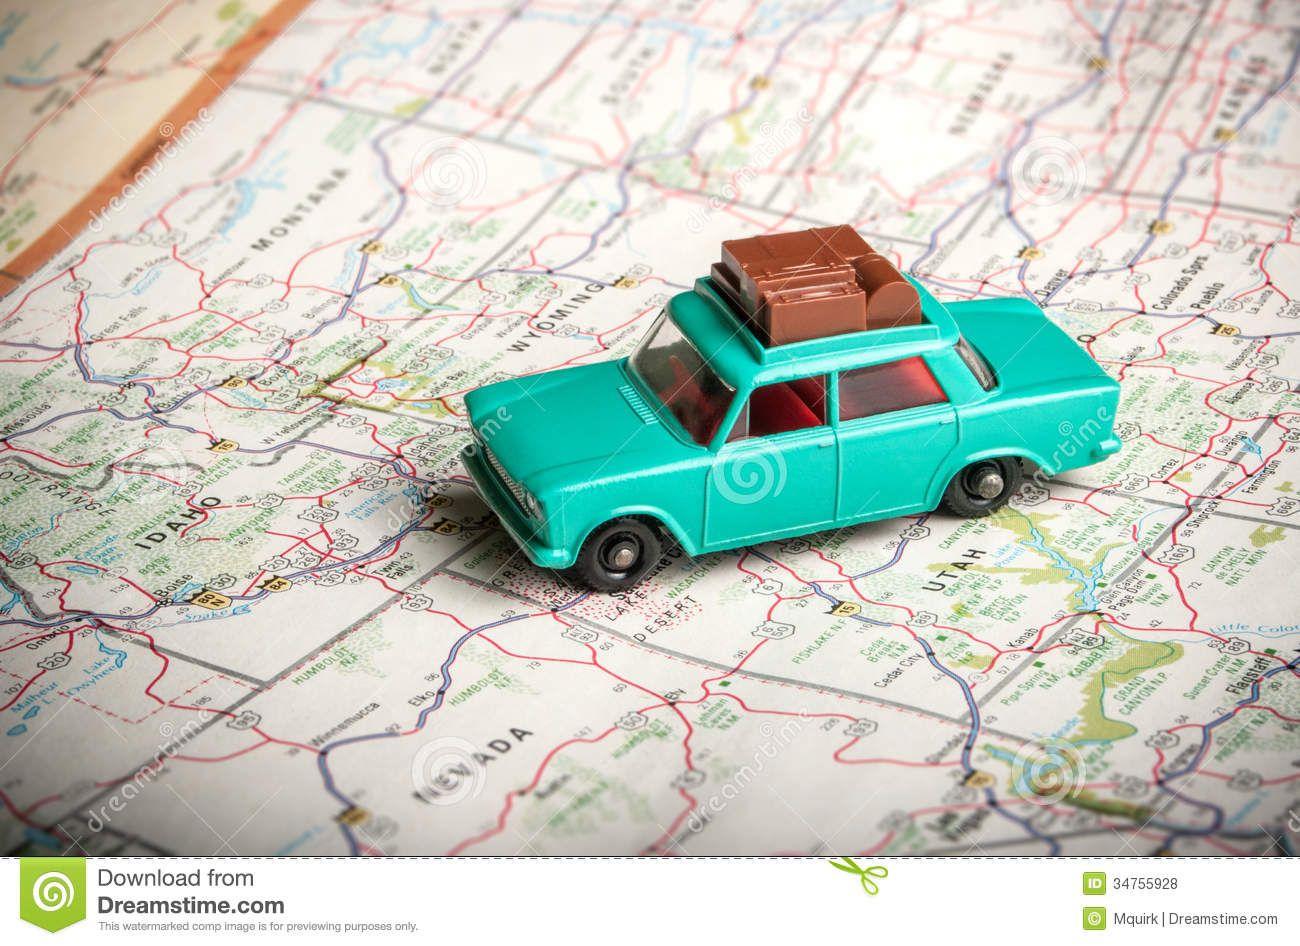 toy-car-road-map-vintage-luggage-roof-u-s-34755928.jpg (1300×946 ...